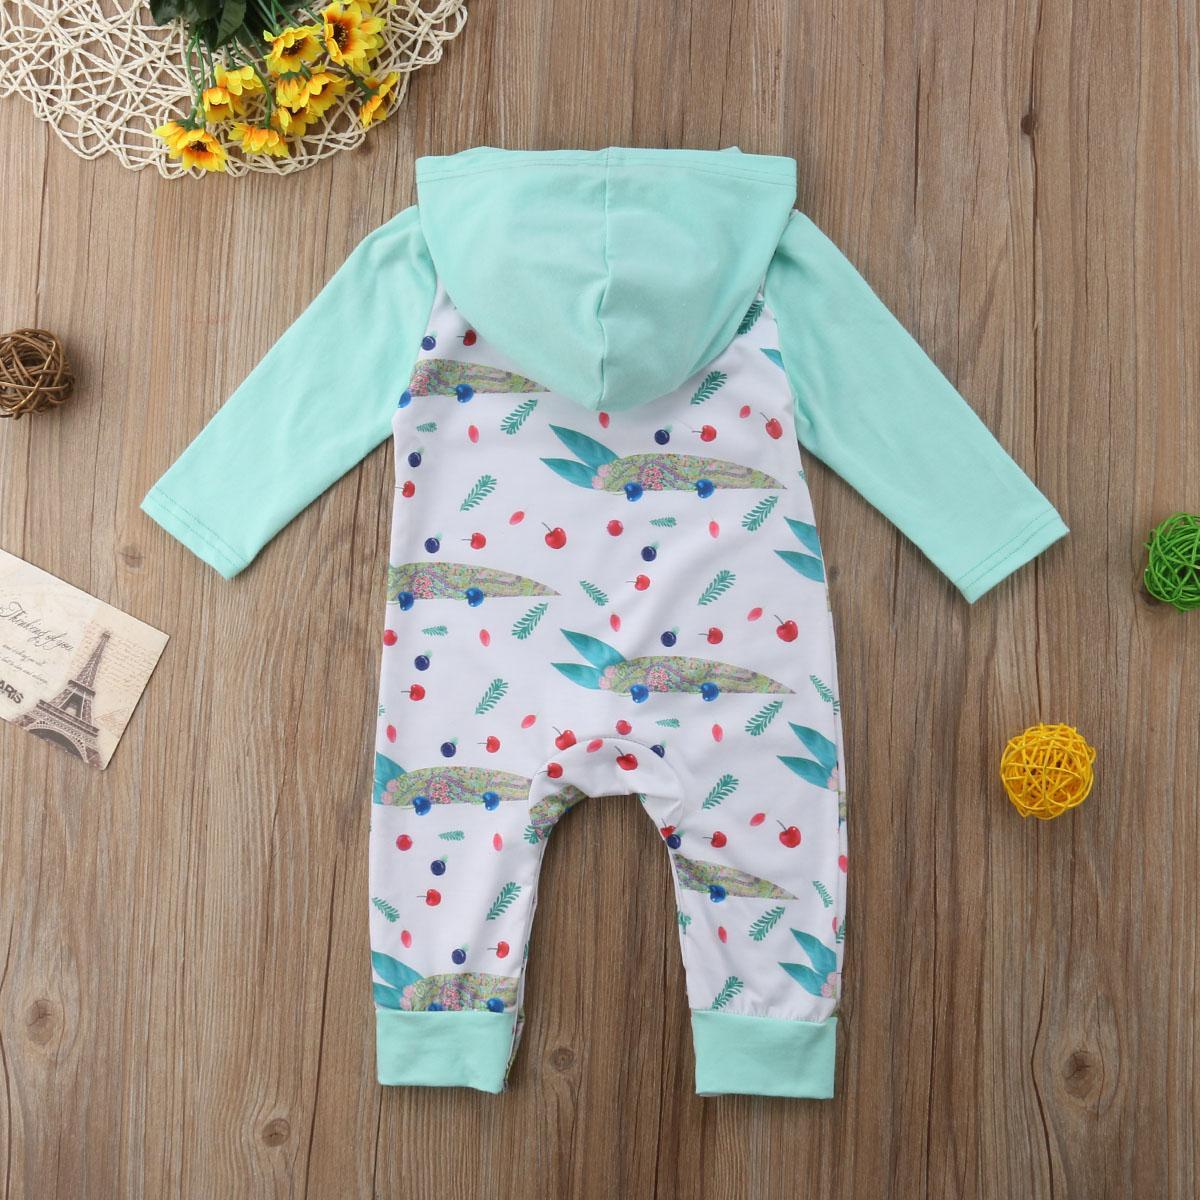 Neugeborenes Kind-Baby-Mädchen-Outfits Kirschen Overall mit Kapuze lange Hülsen-Spielanzug sunsuit Kleidung